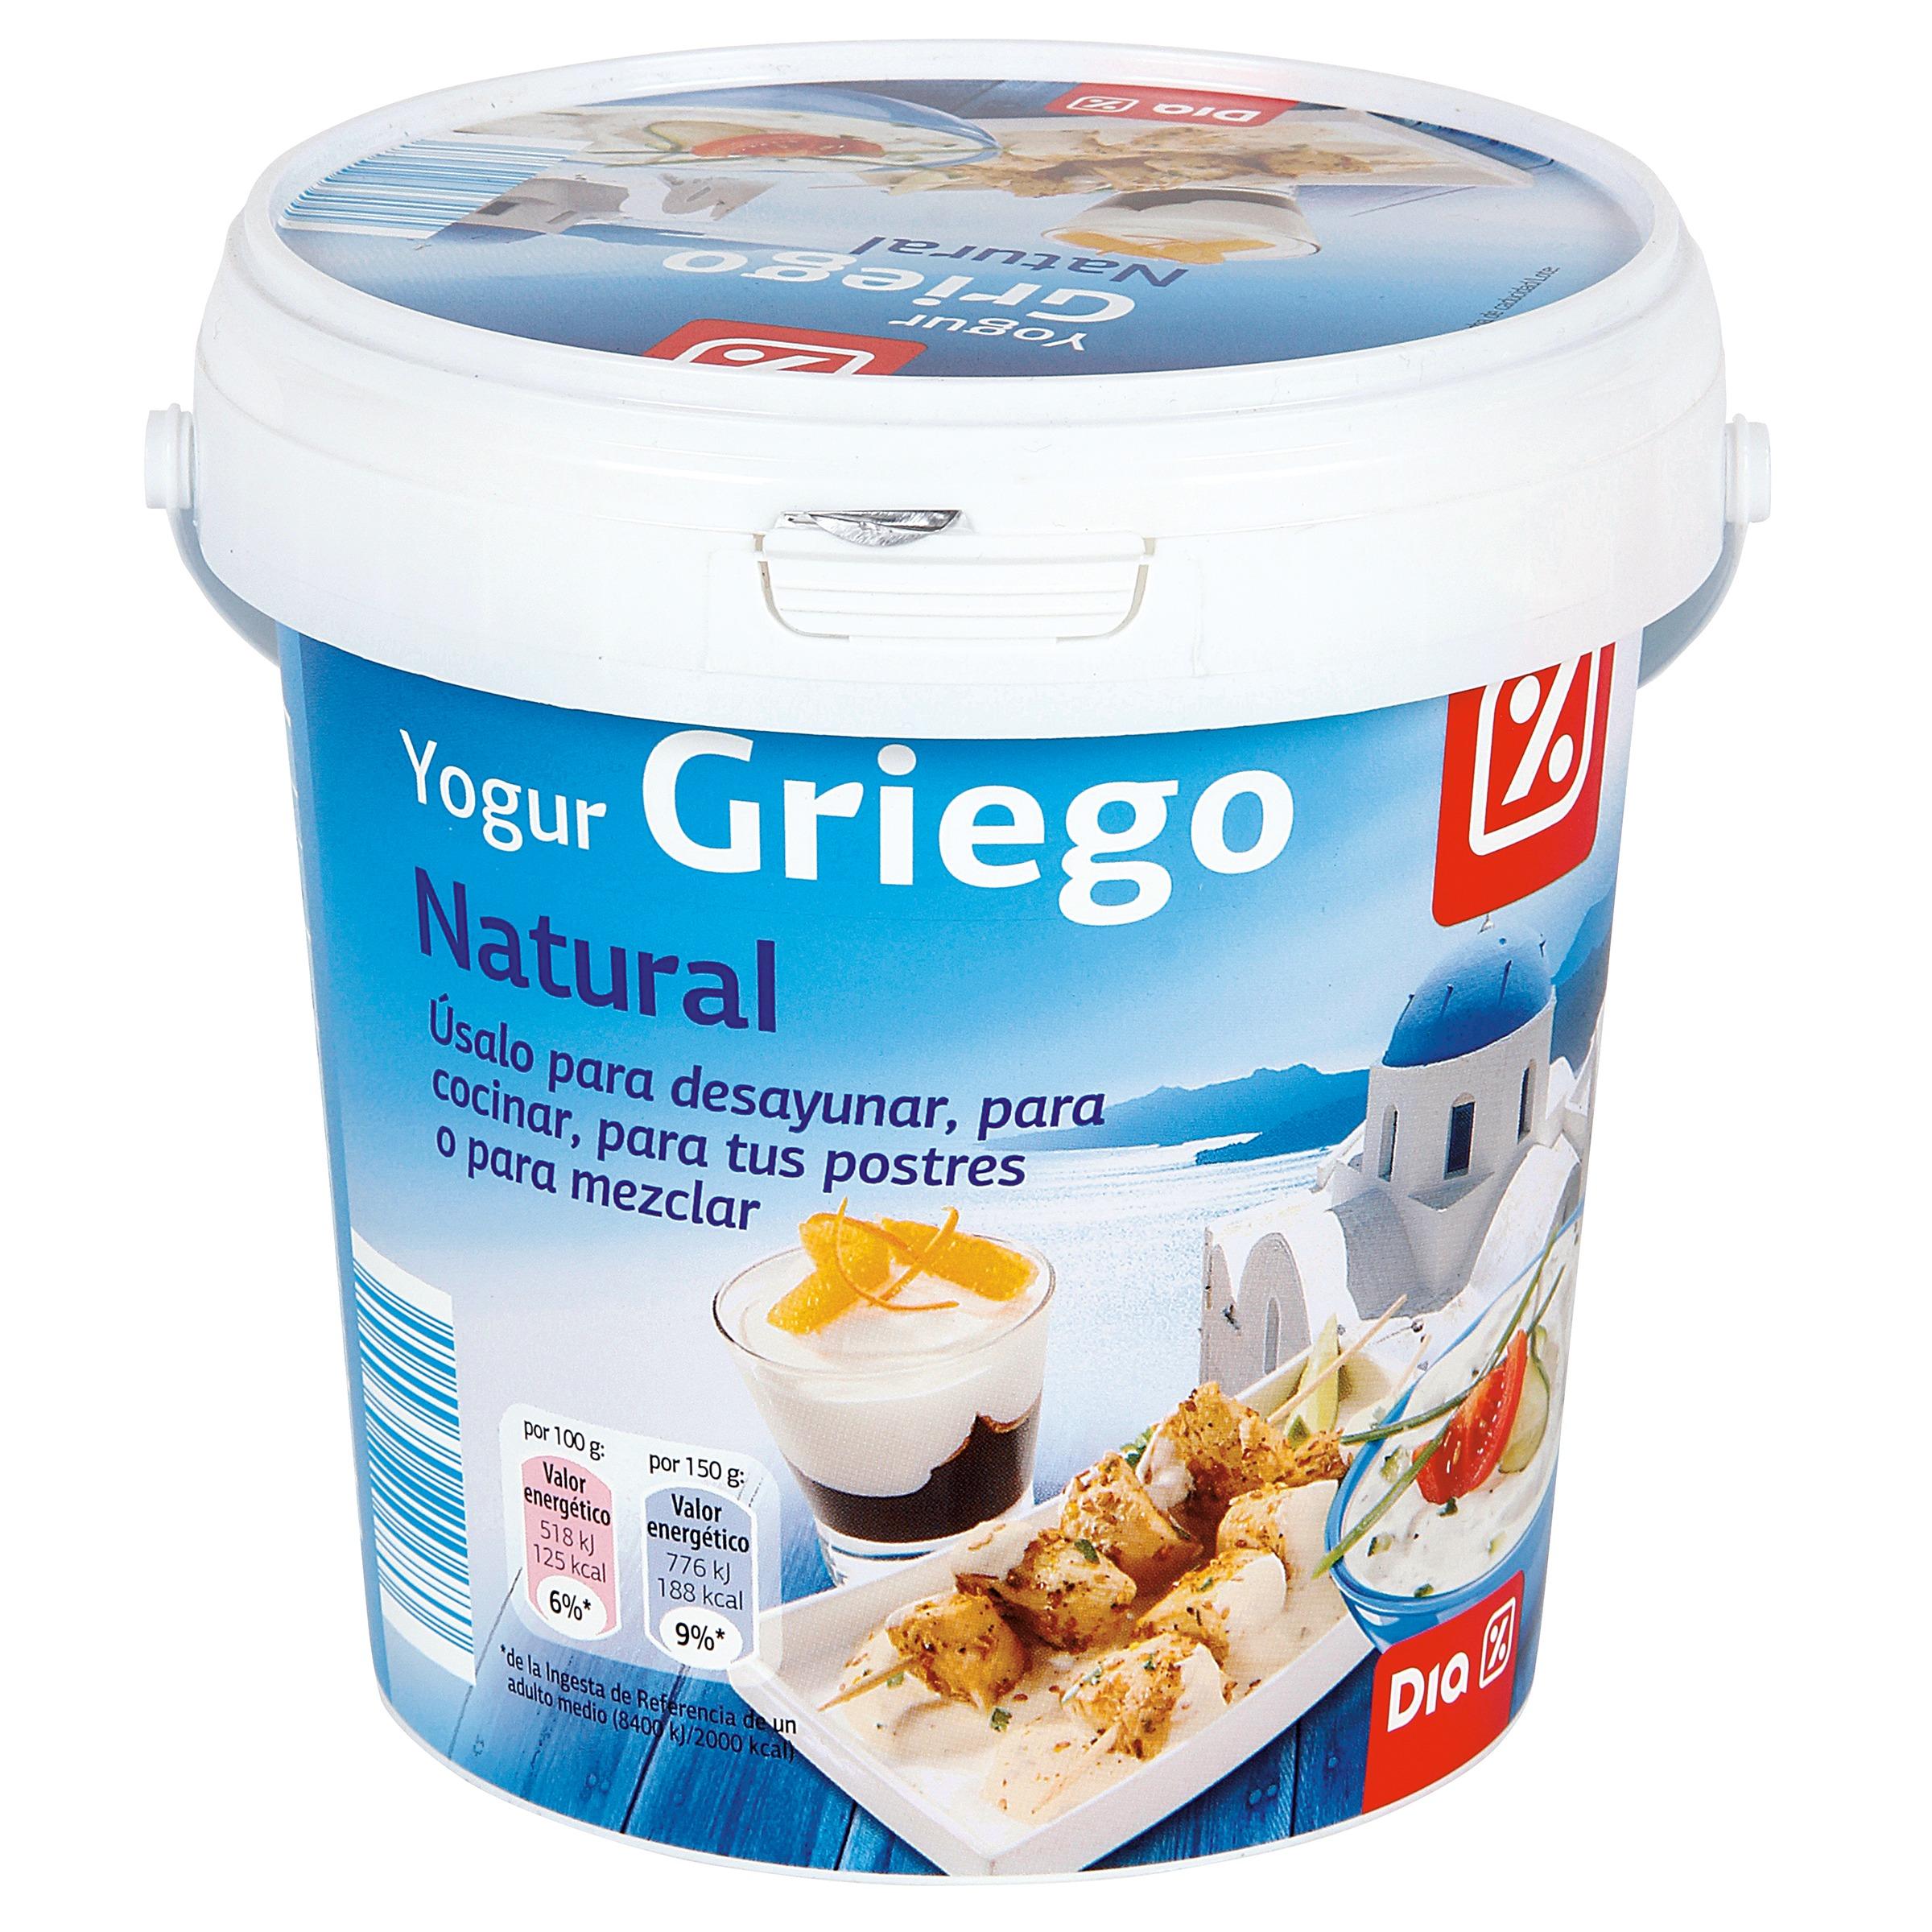 dia yogur griego natural 1 kg yogur griego